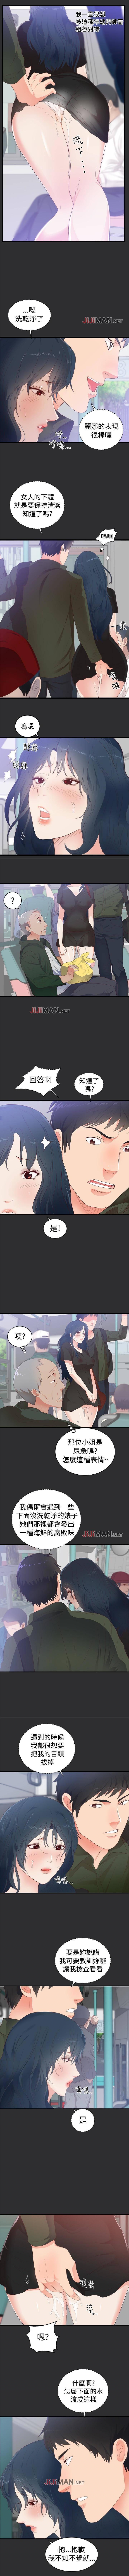 【已完结】性癖好(作者:主寧 & 洗髮精) 第1~30话 6